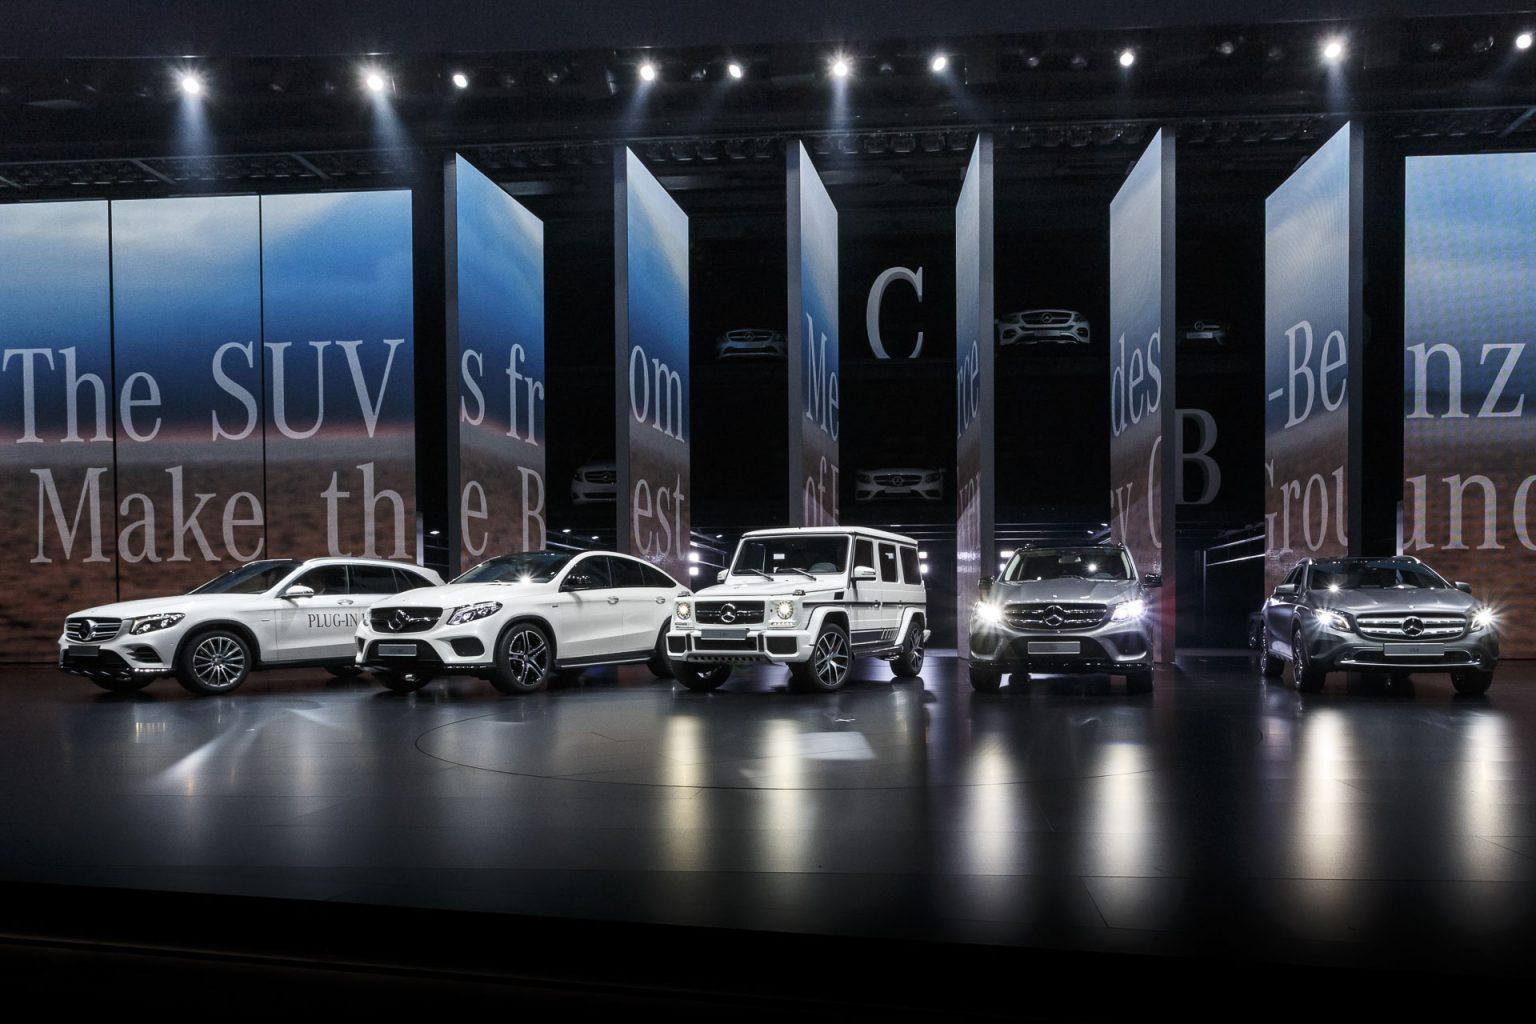 Mercedes Benz Cars Auf Der Iaa 2015 Mercedes Benz Cars At The Iaa 2015